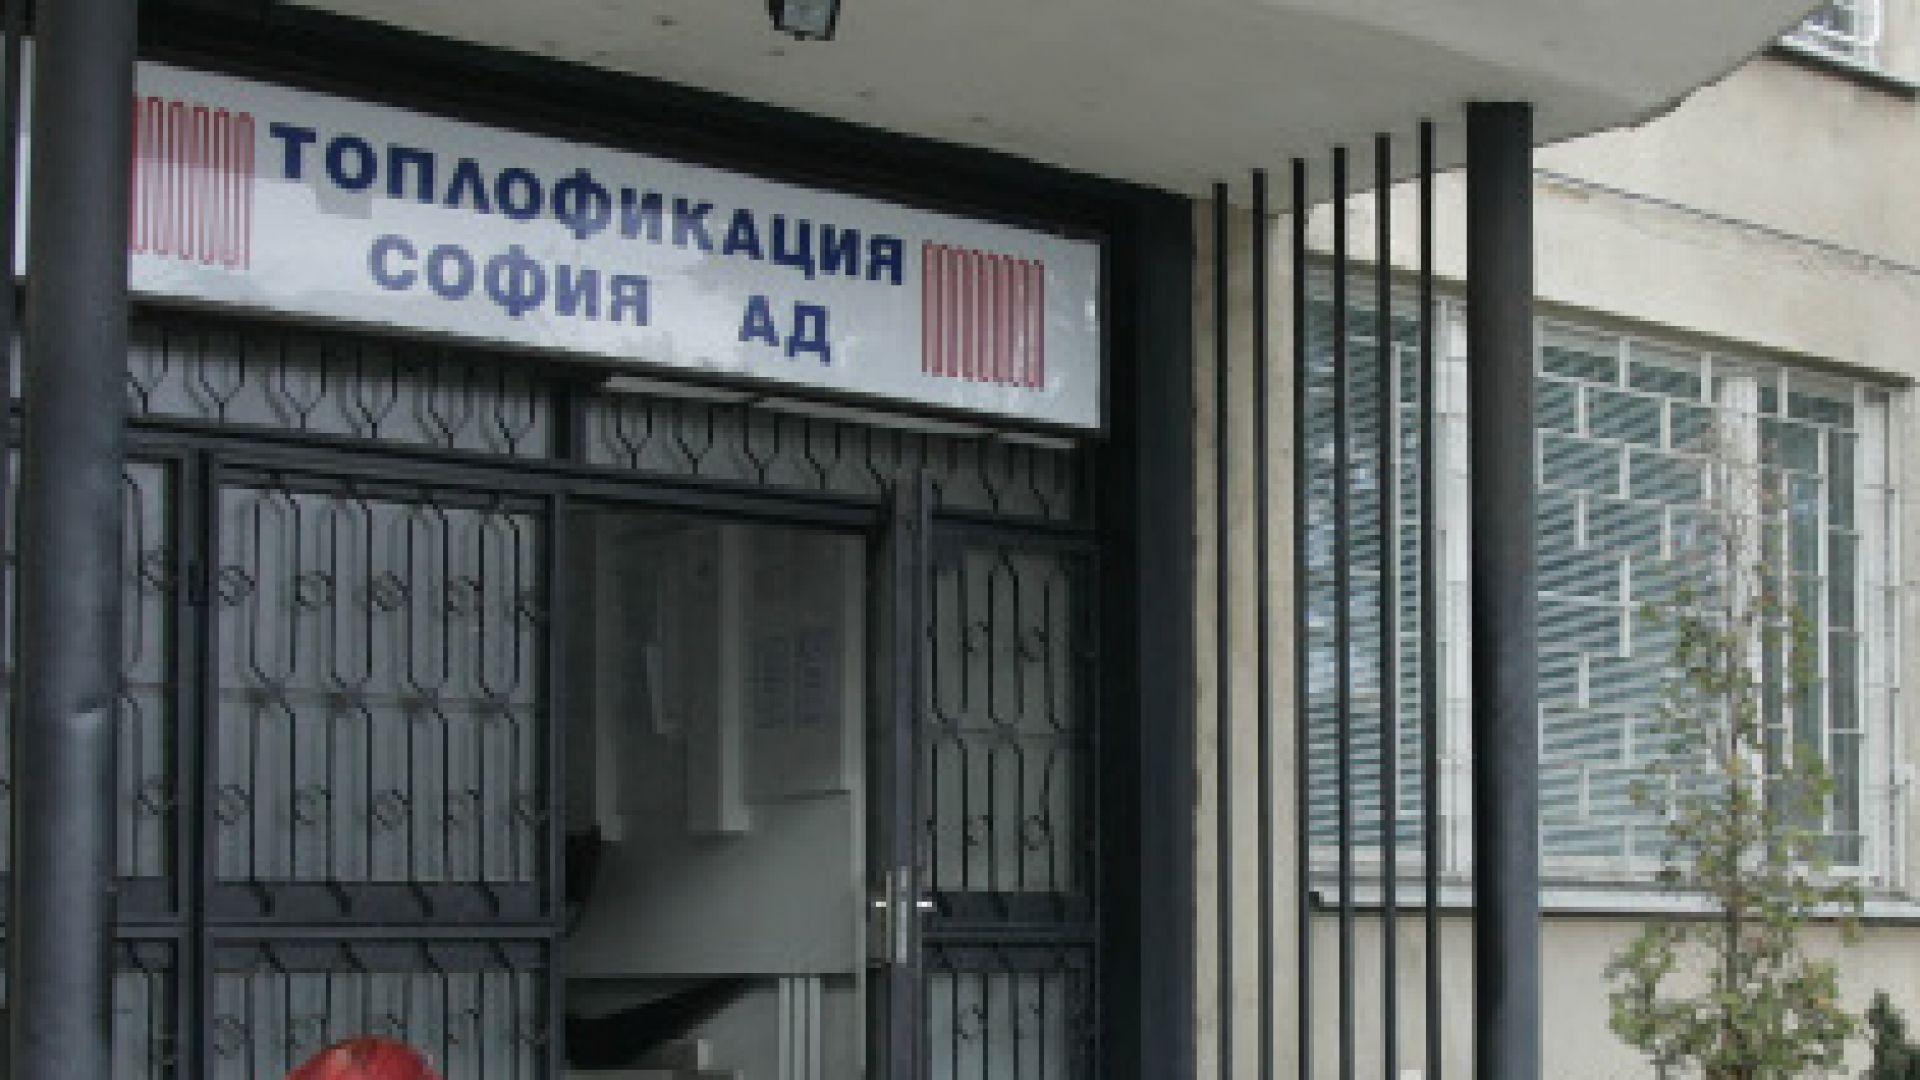 """""""Топлофикация София"""" ще участва самостоятелно на Българската независима енергийна борса през 2020 г."""